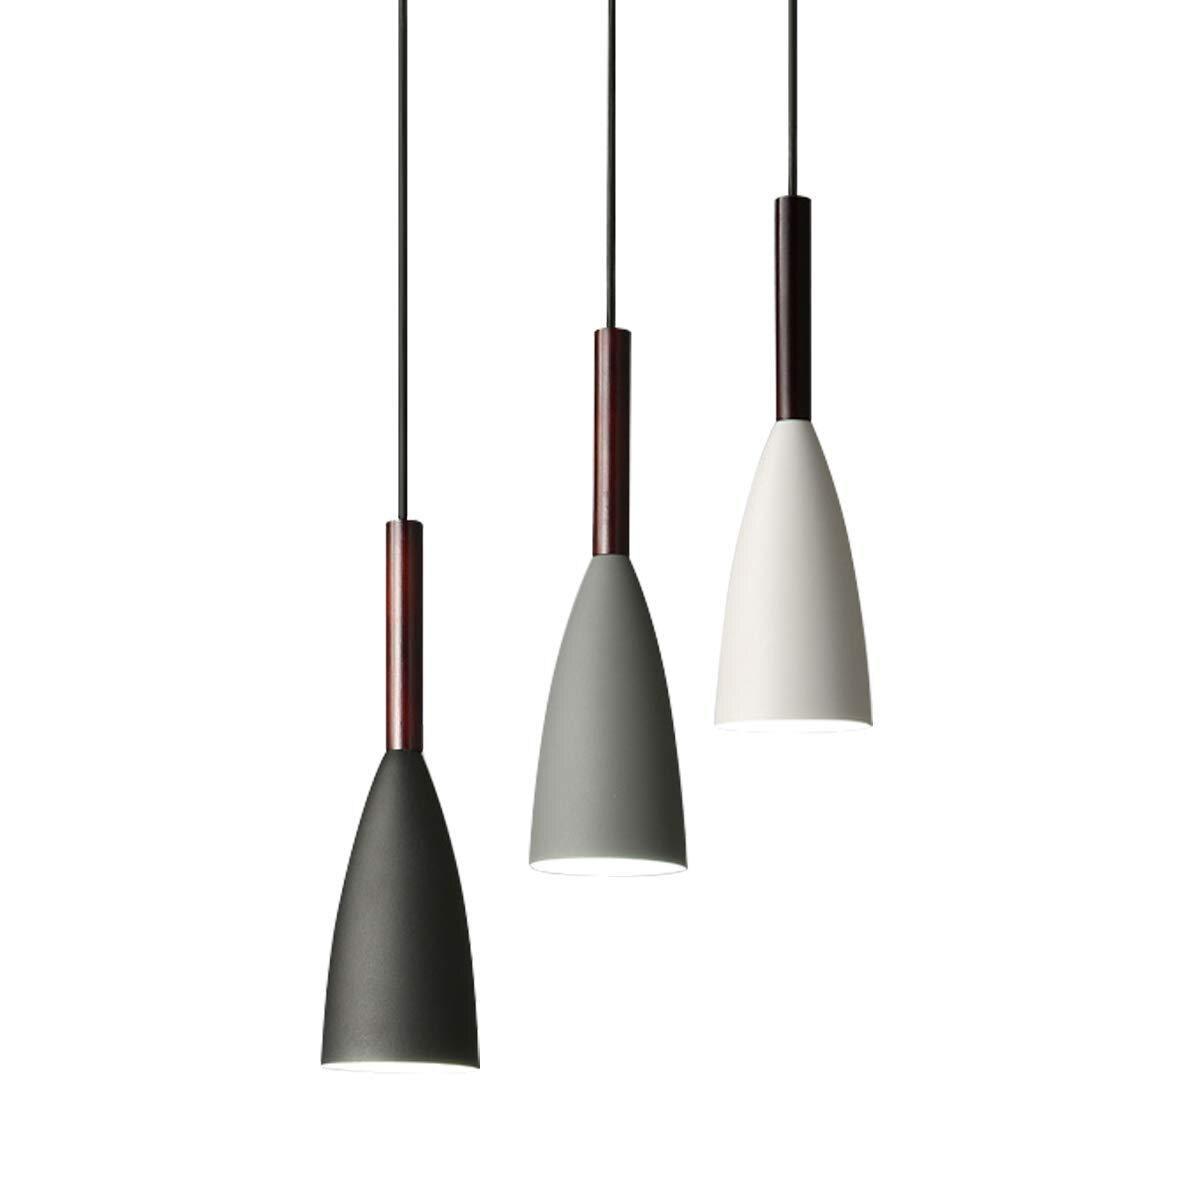 Moderne 3 Hanger Verlichting Nordic Minimalistische Hanglampen Over Eettafel keuken eiland opknoping lampen eetkamer lichten E27 - 2